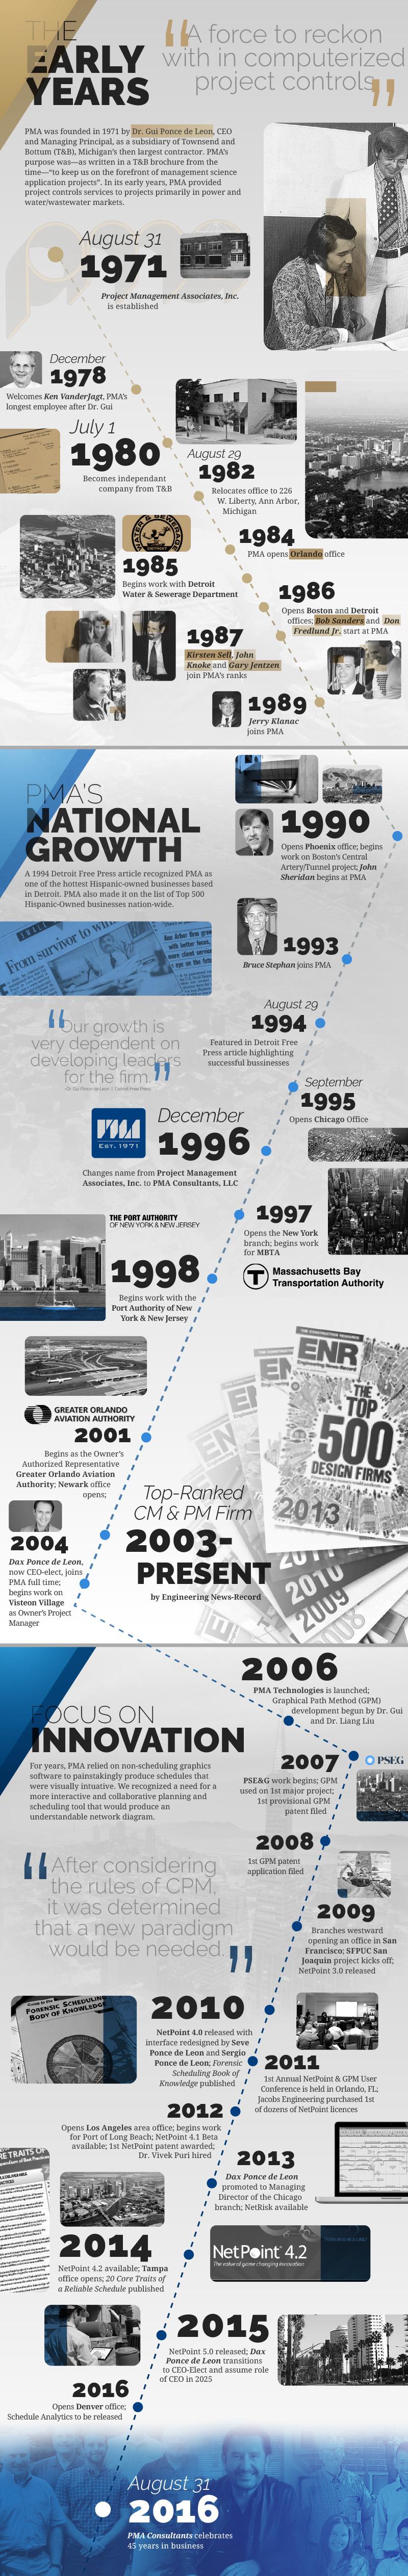 PMA celebrates 45 years of business